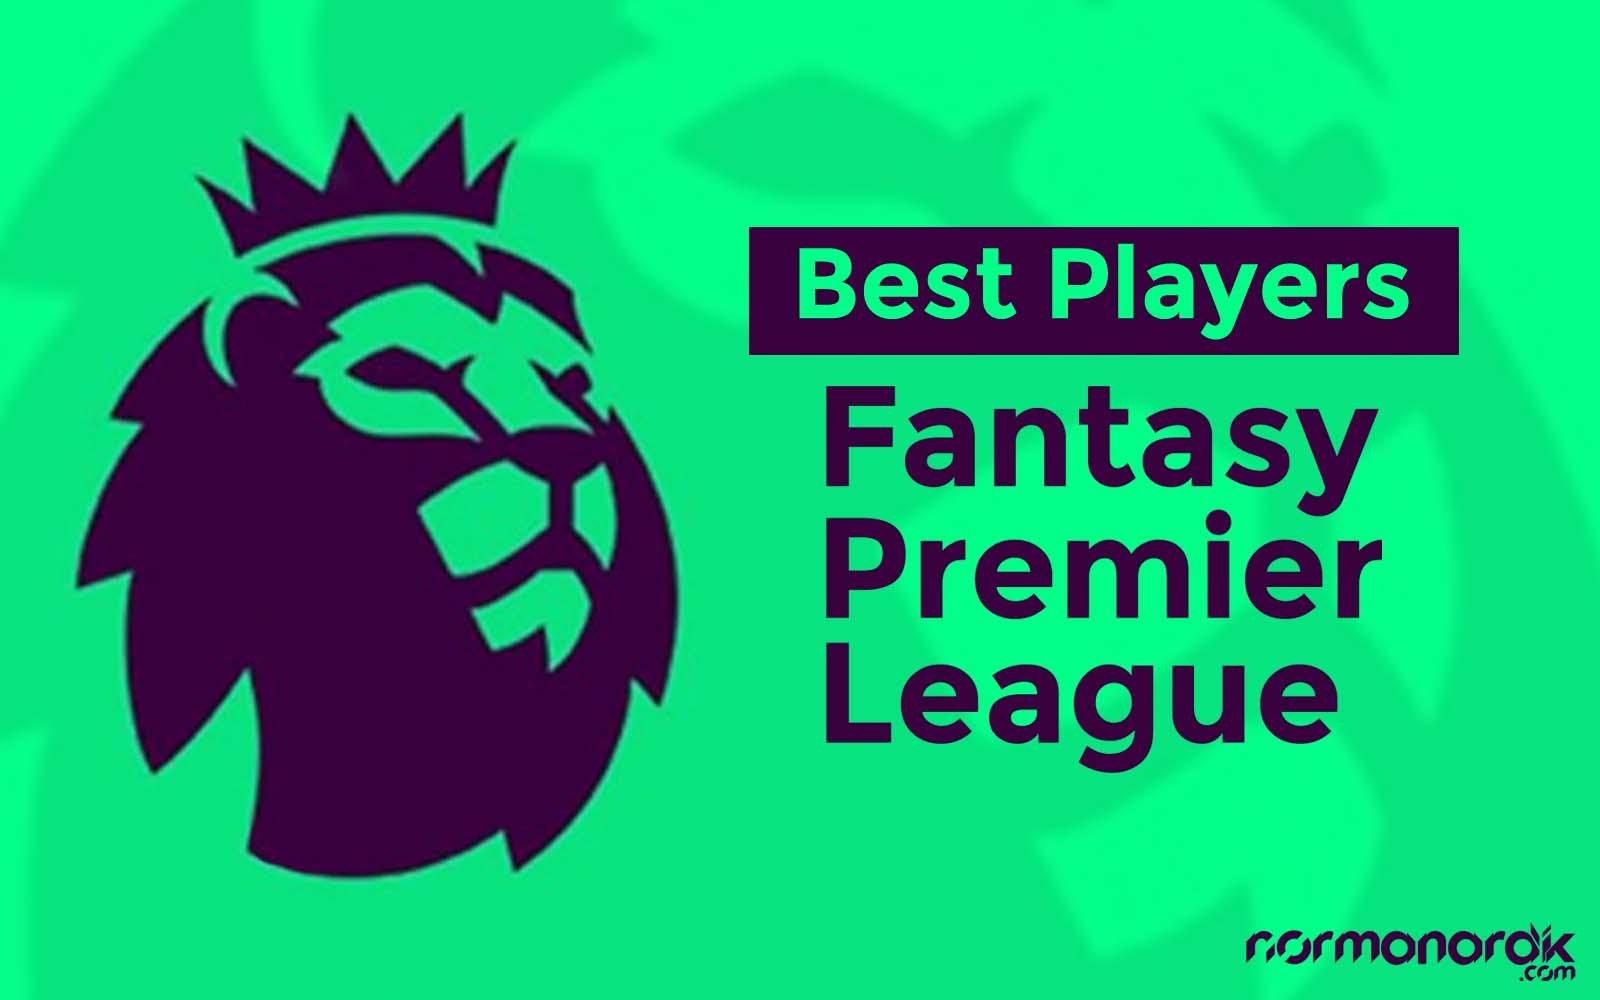 pemain terbaik fantasy premier league